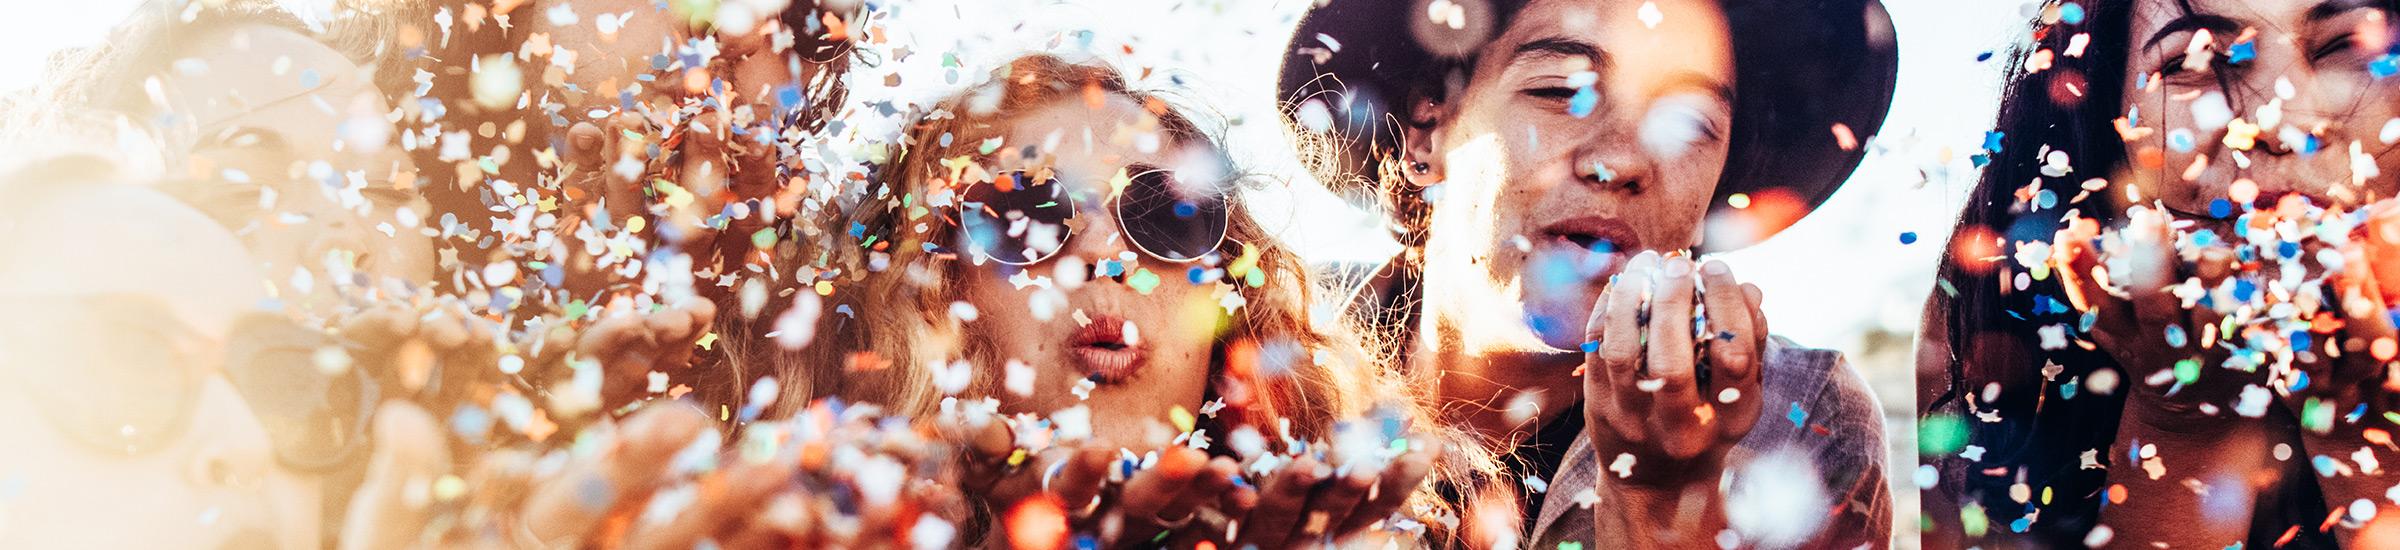 Feiernde Menschen mit Konfetti in bunten Farben